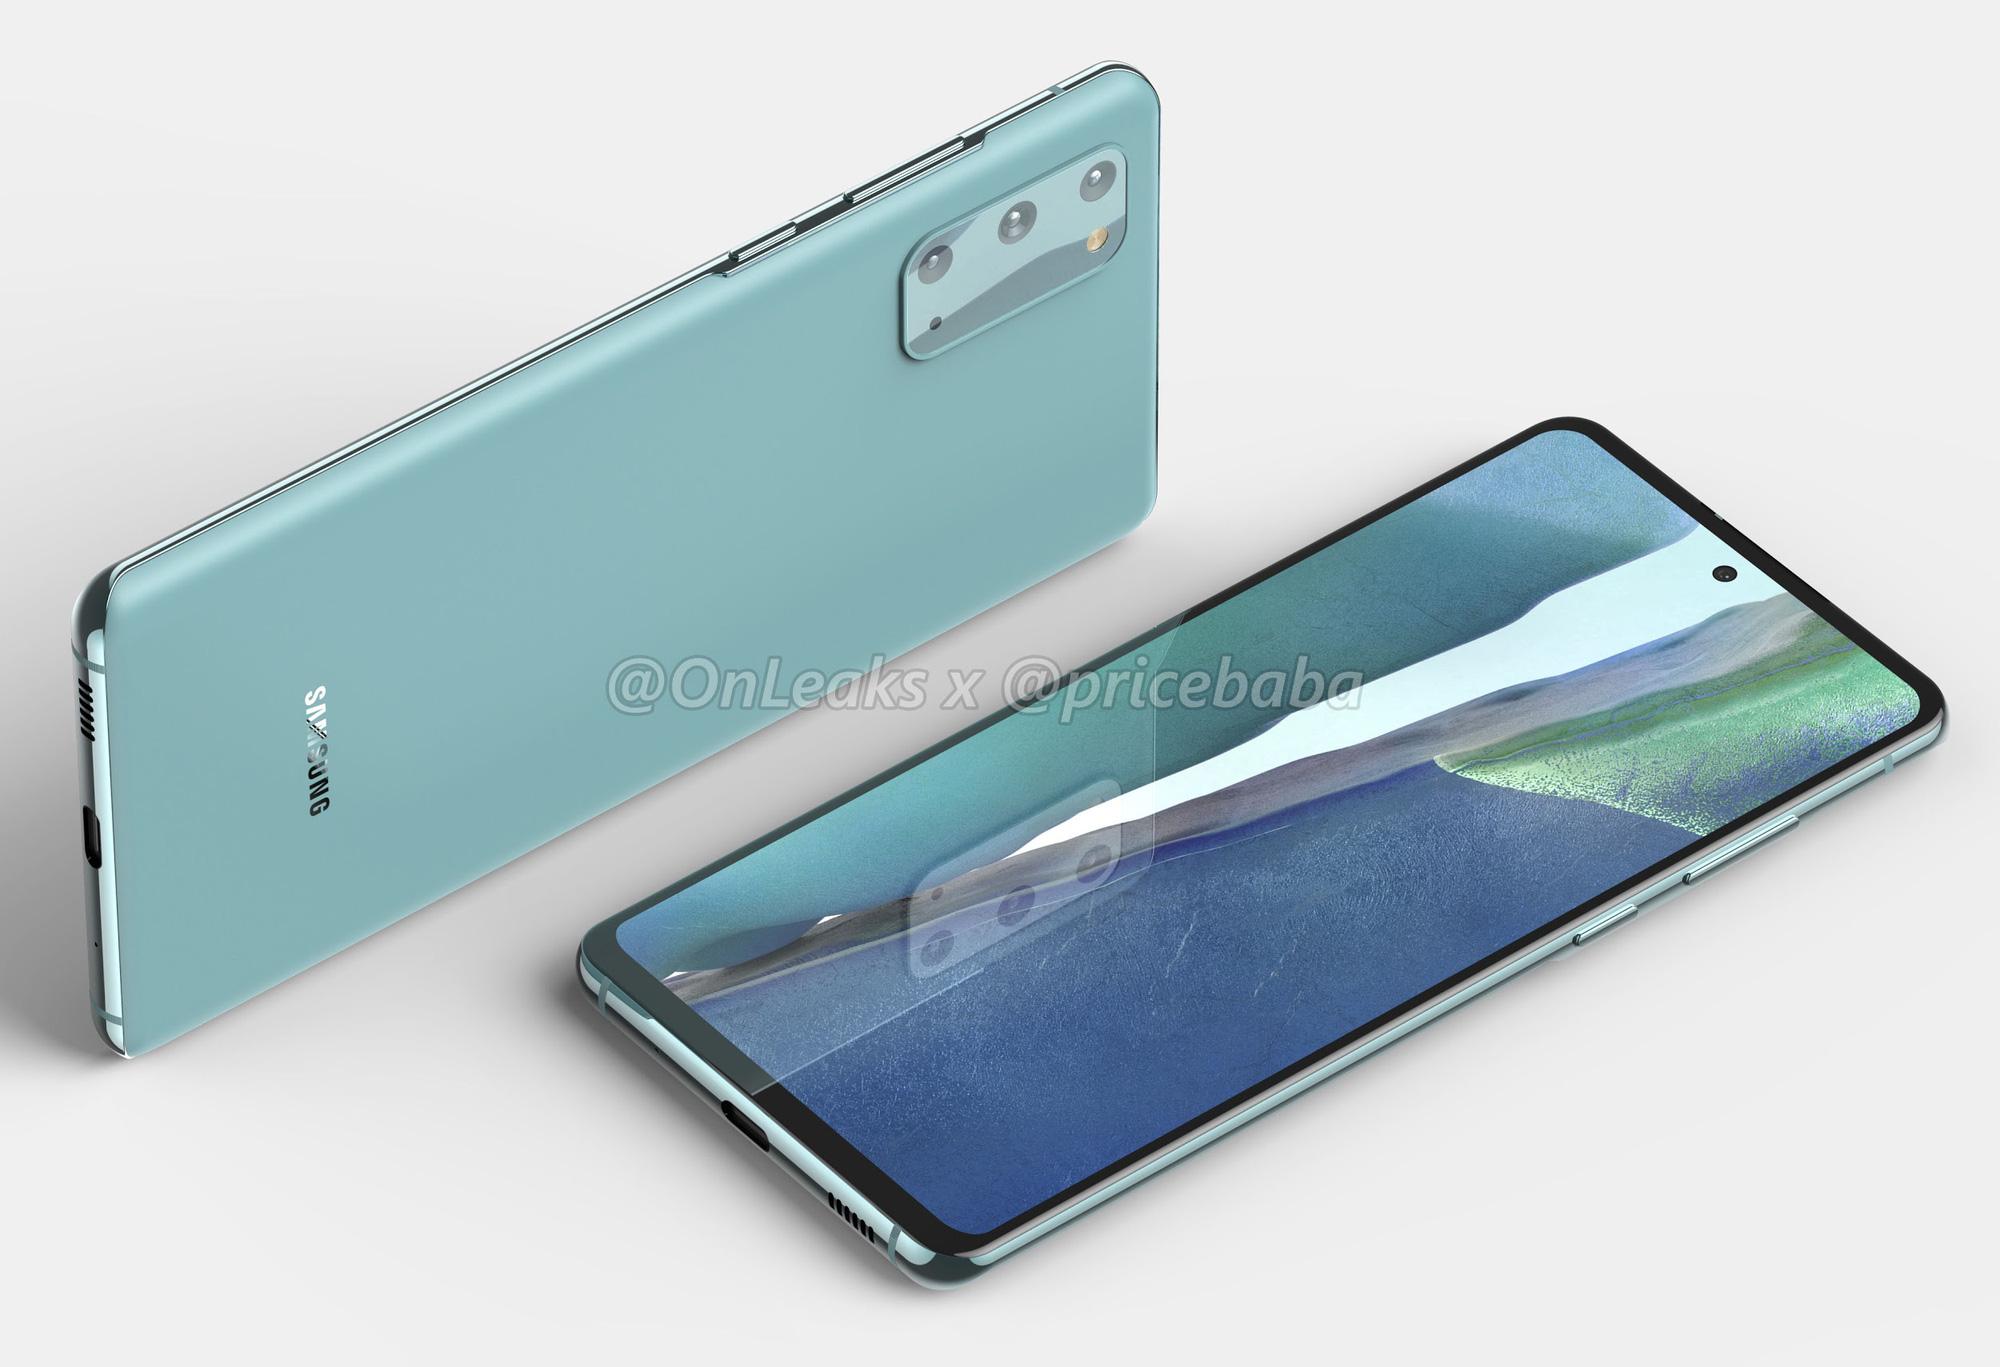 Smartphone hội tụ đầy đủ tính năng của S20 Ultra nhưng dành cho giới trẻ của Samsung lộ diện - Ảnh 2.